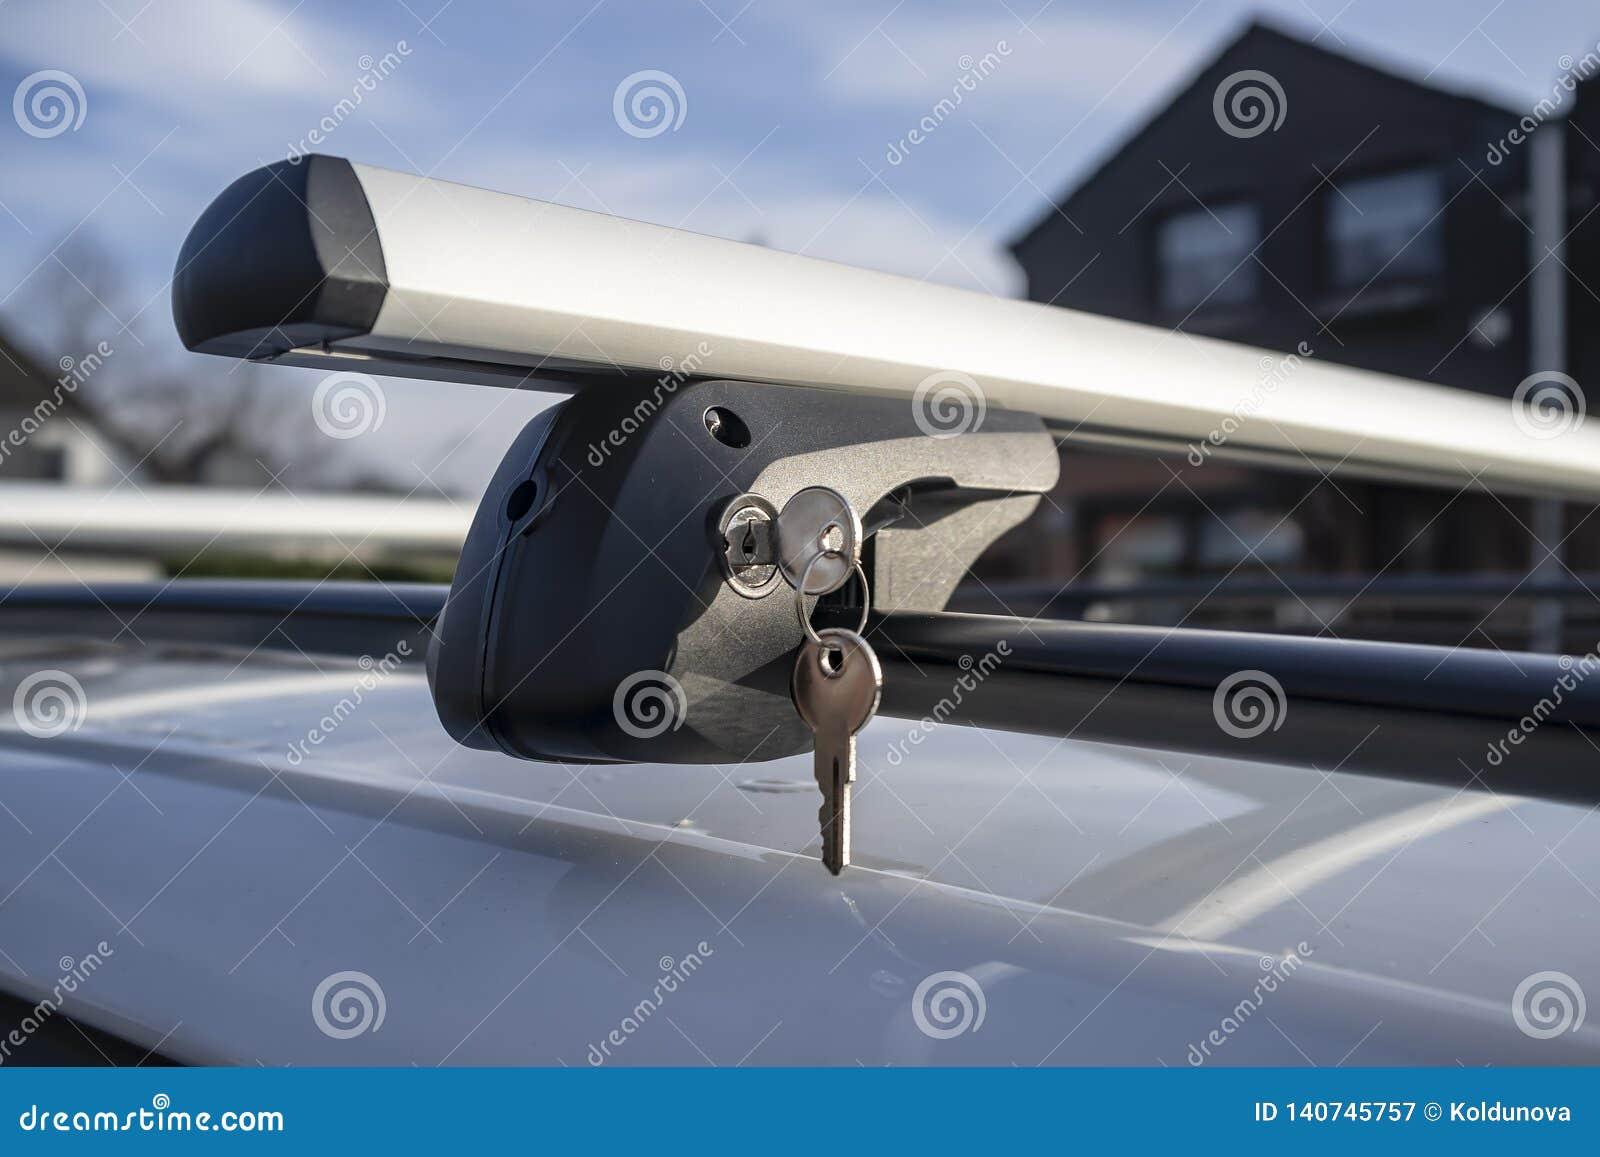 在锁的钥匙紧固车厢或货物箱子的持有人到车屋顶,在一个晴朗的春日反对天空蔚蓝